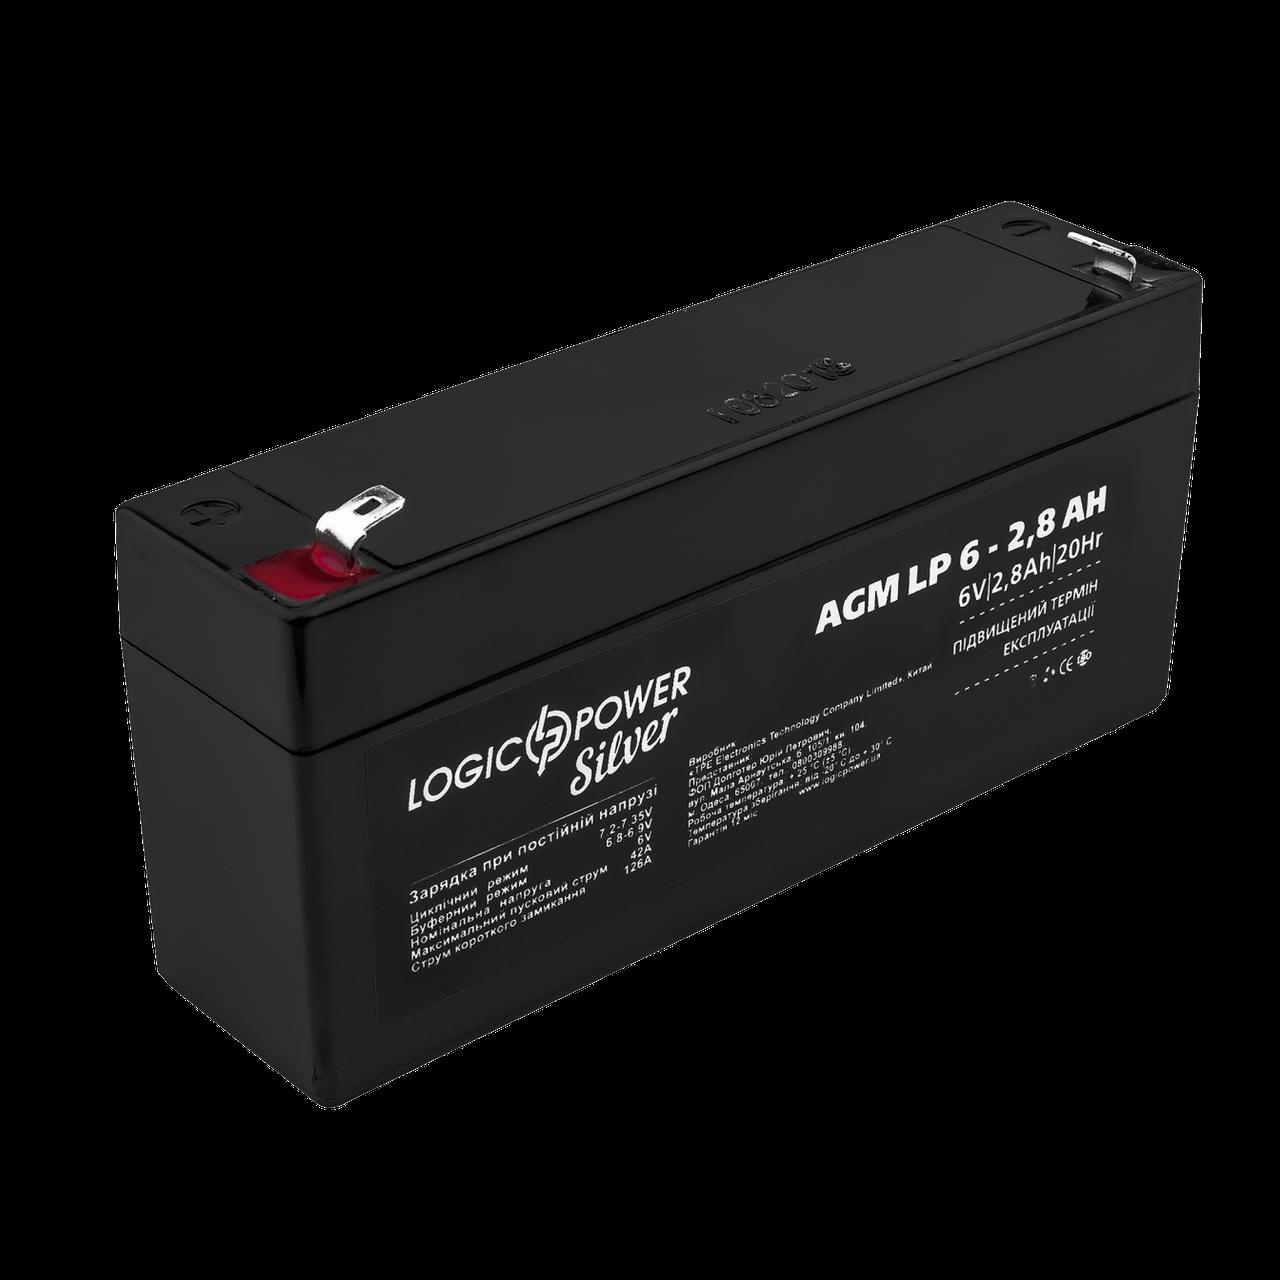 Аккумулятор AGM LP-6-2.8 AH SILVER